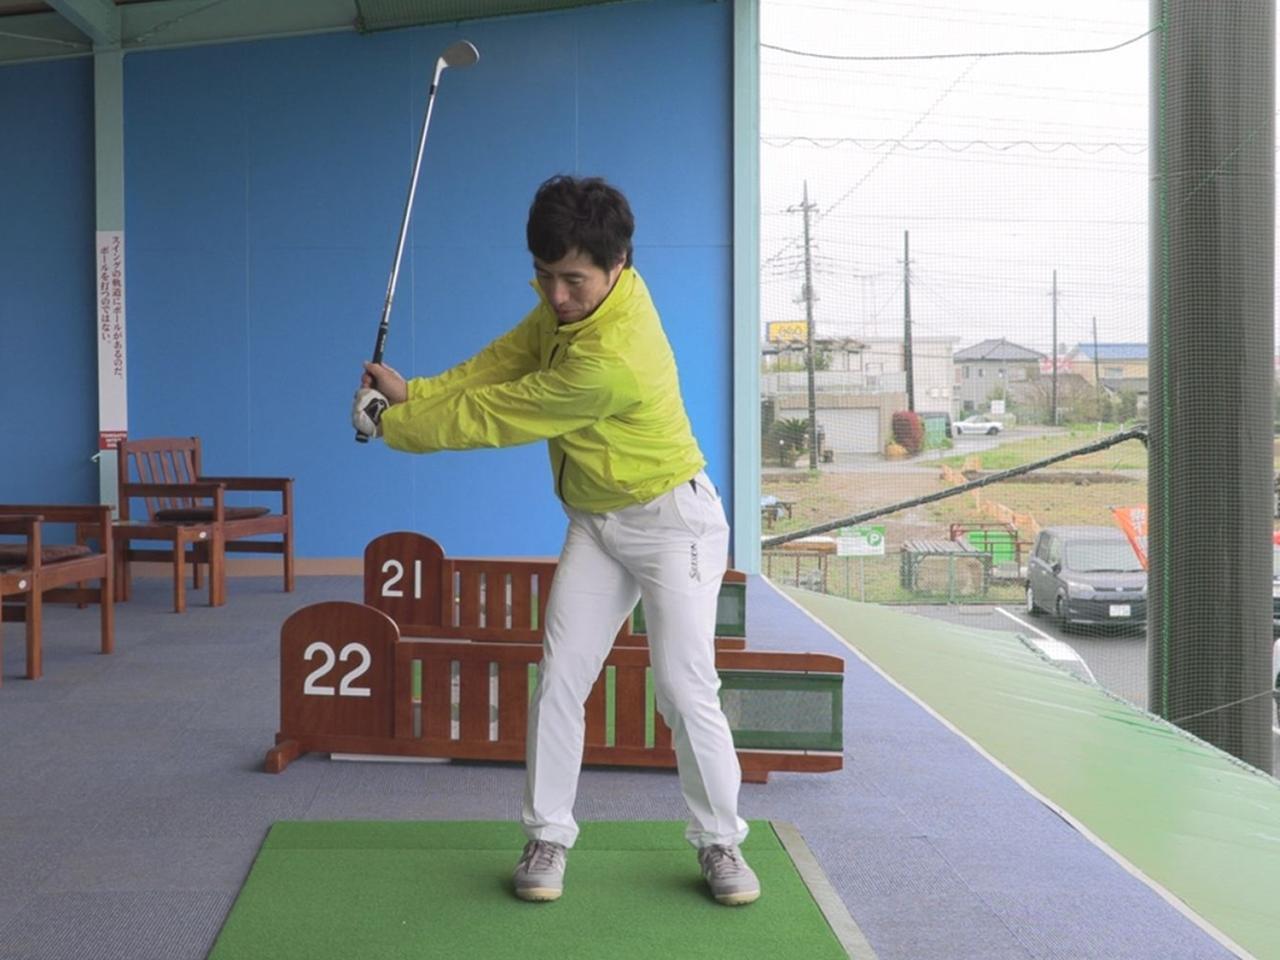 画像: 50ヤードを打つときは左腕が地面と平行になるくらいクラブを上げる。トップポジションで胸のラインとクラブのラインが平行に揃っていればしっかり体を使えている証拠